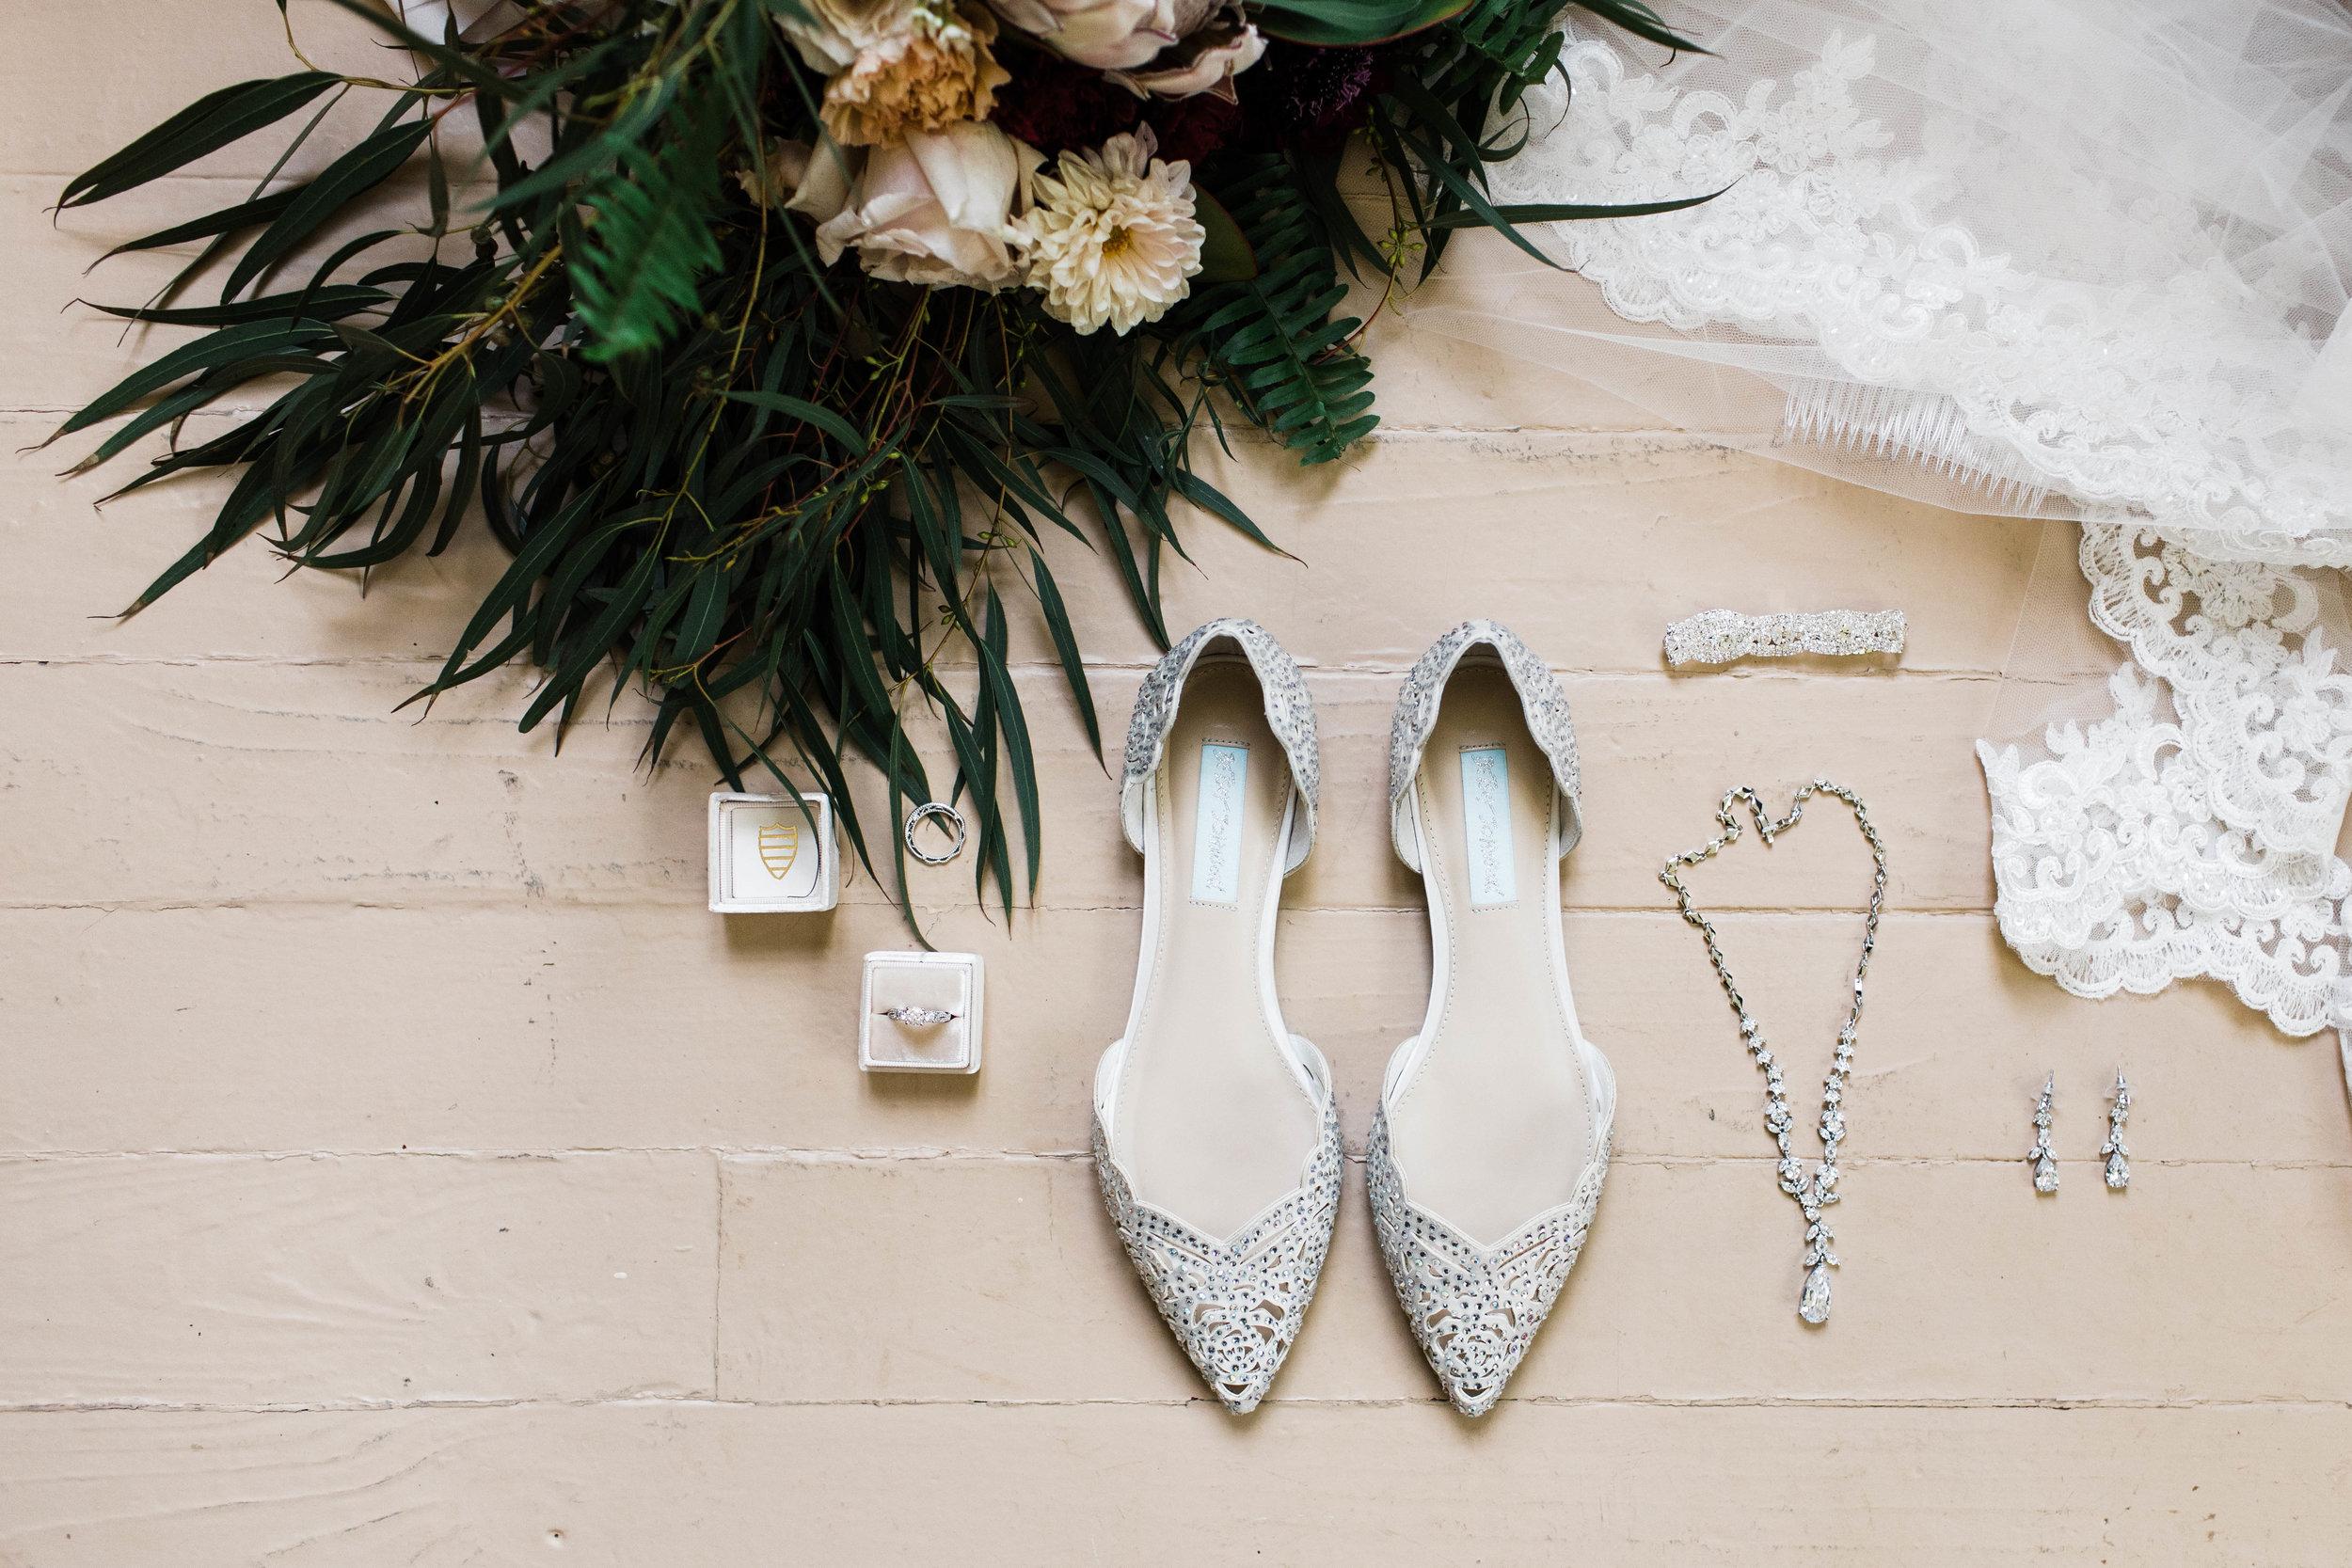 Sheena_Shahangian_Photography_Colorado_Mountain_Elopement_Shoes.jpg